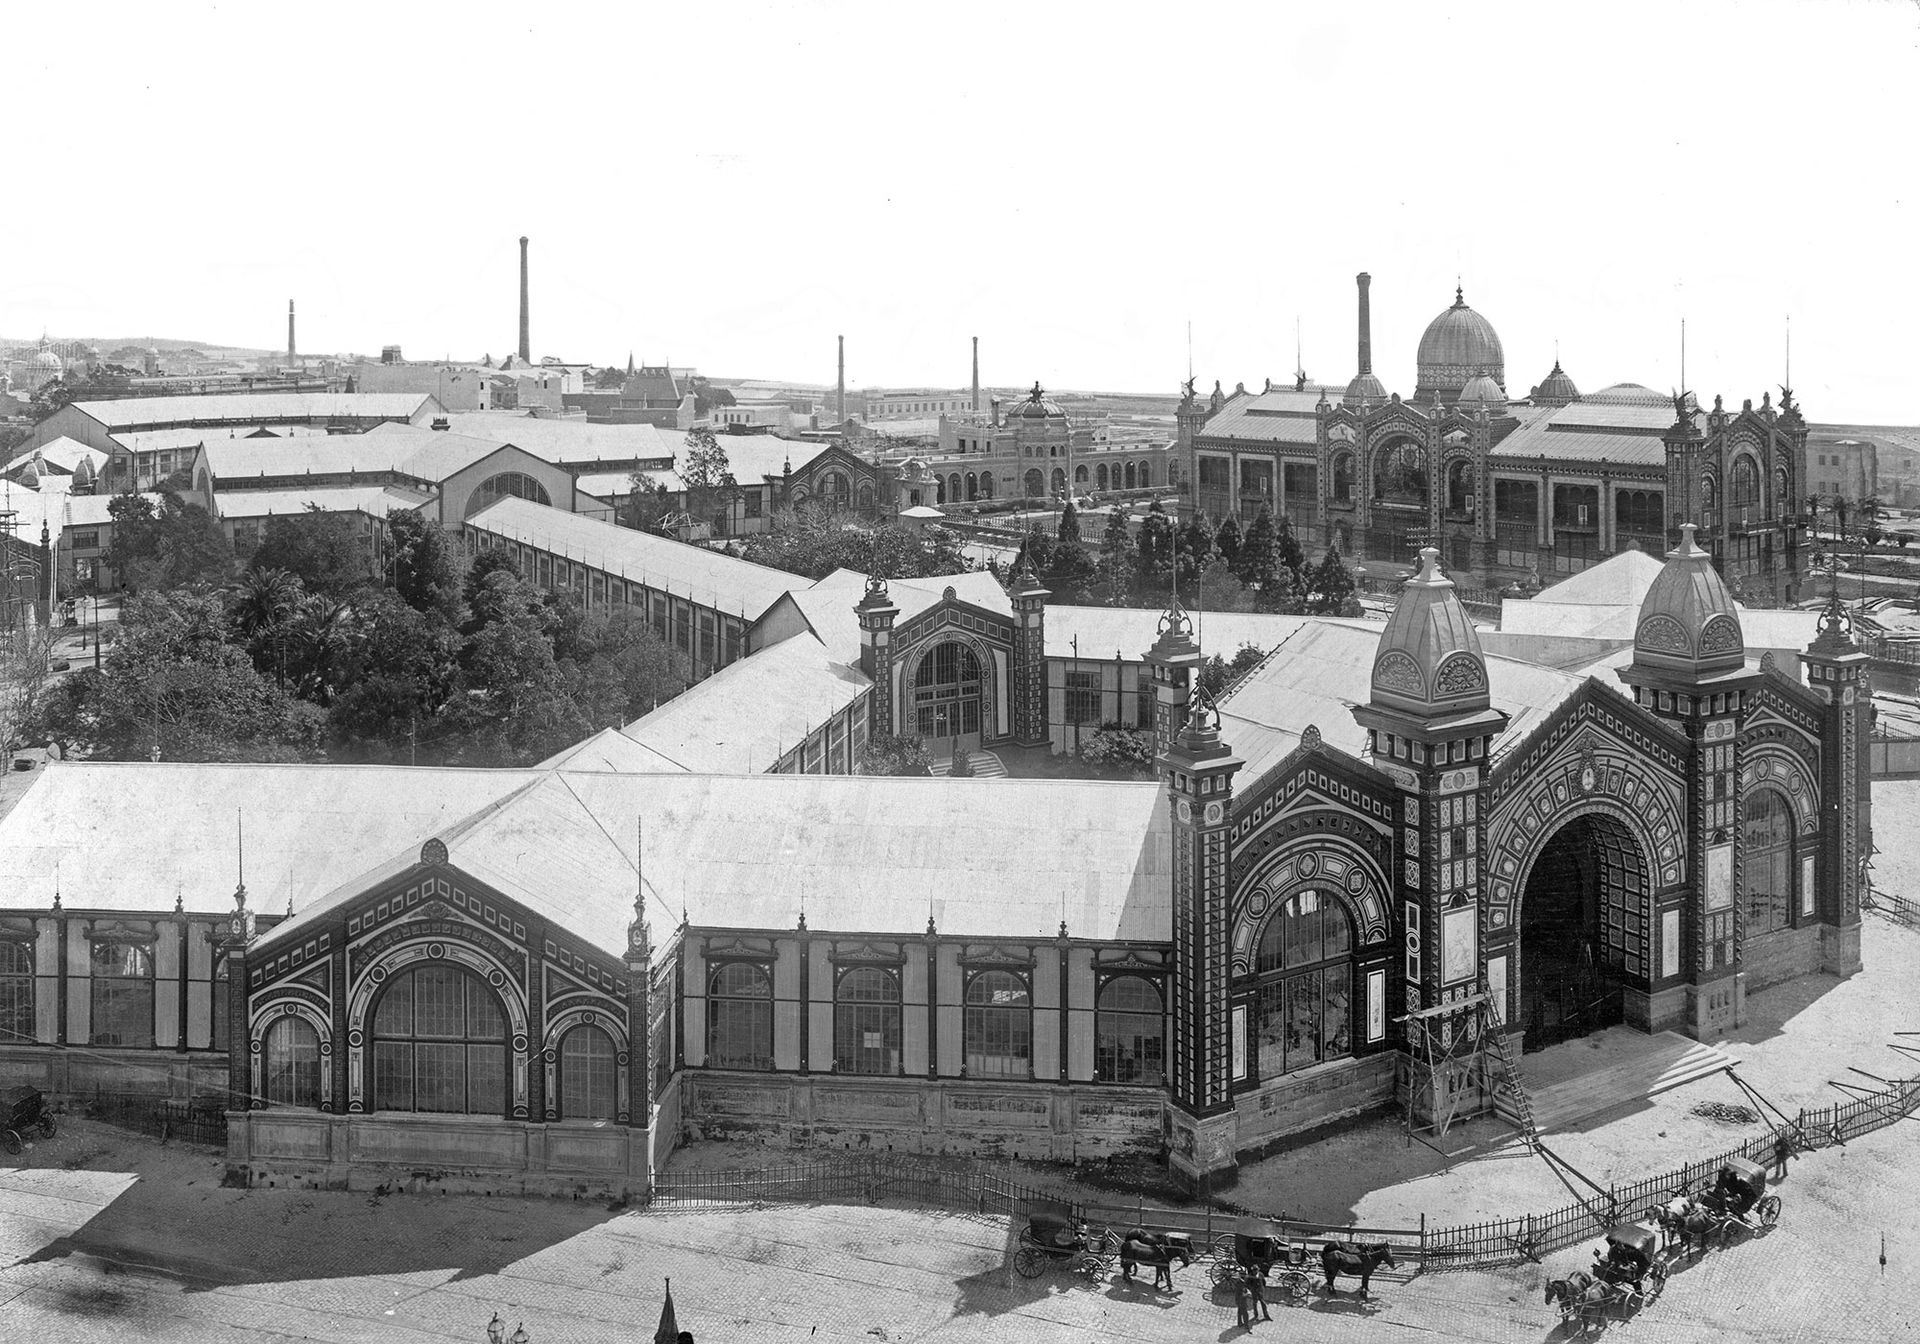 La Exposición Nacional de 1898 en plaza San Martín. Al fondo, a la derecha, se distingue el Pabellón Argentino.